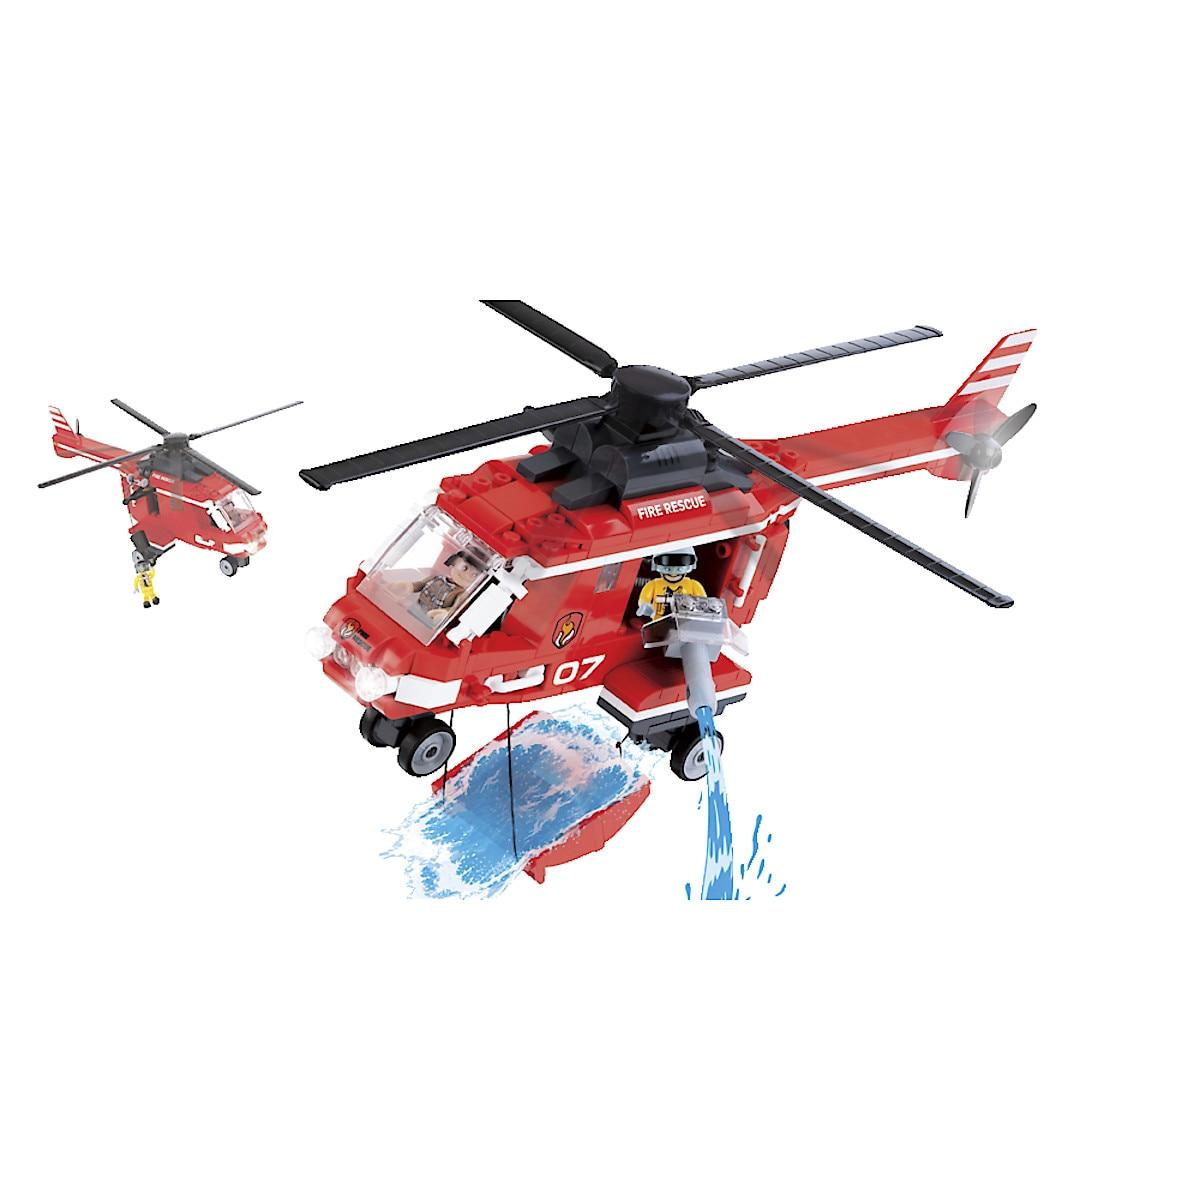 Cobi byggeklosser, brannhelikopter